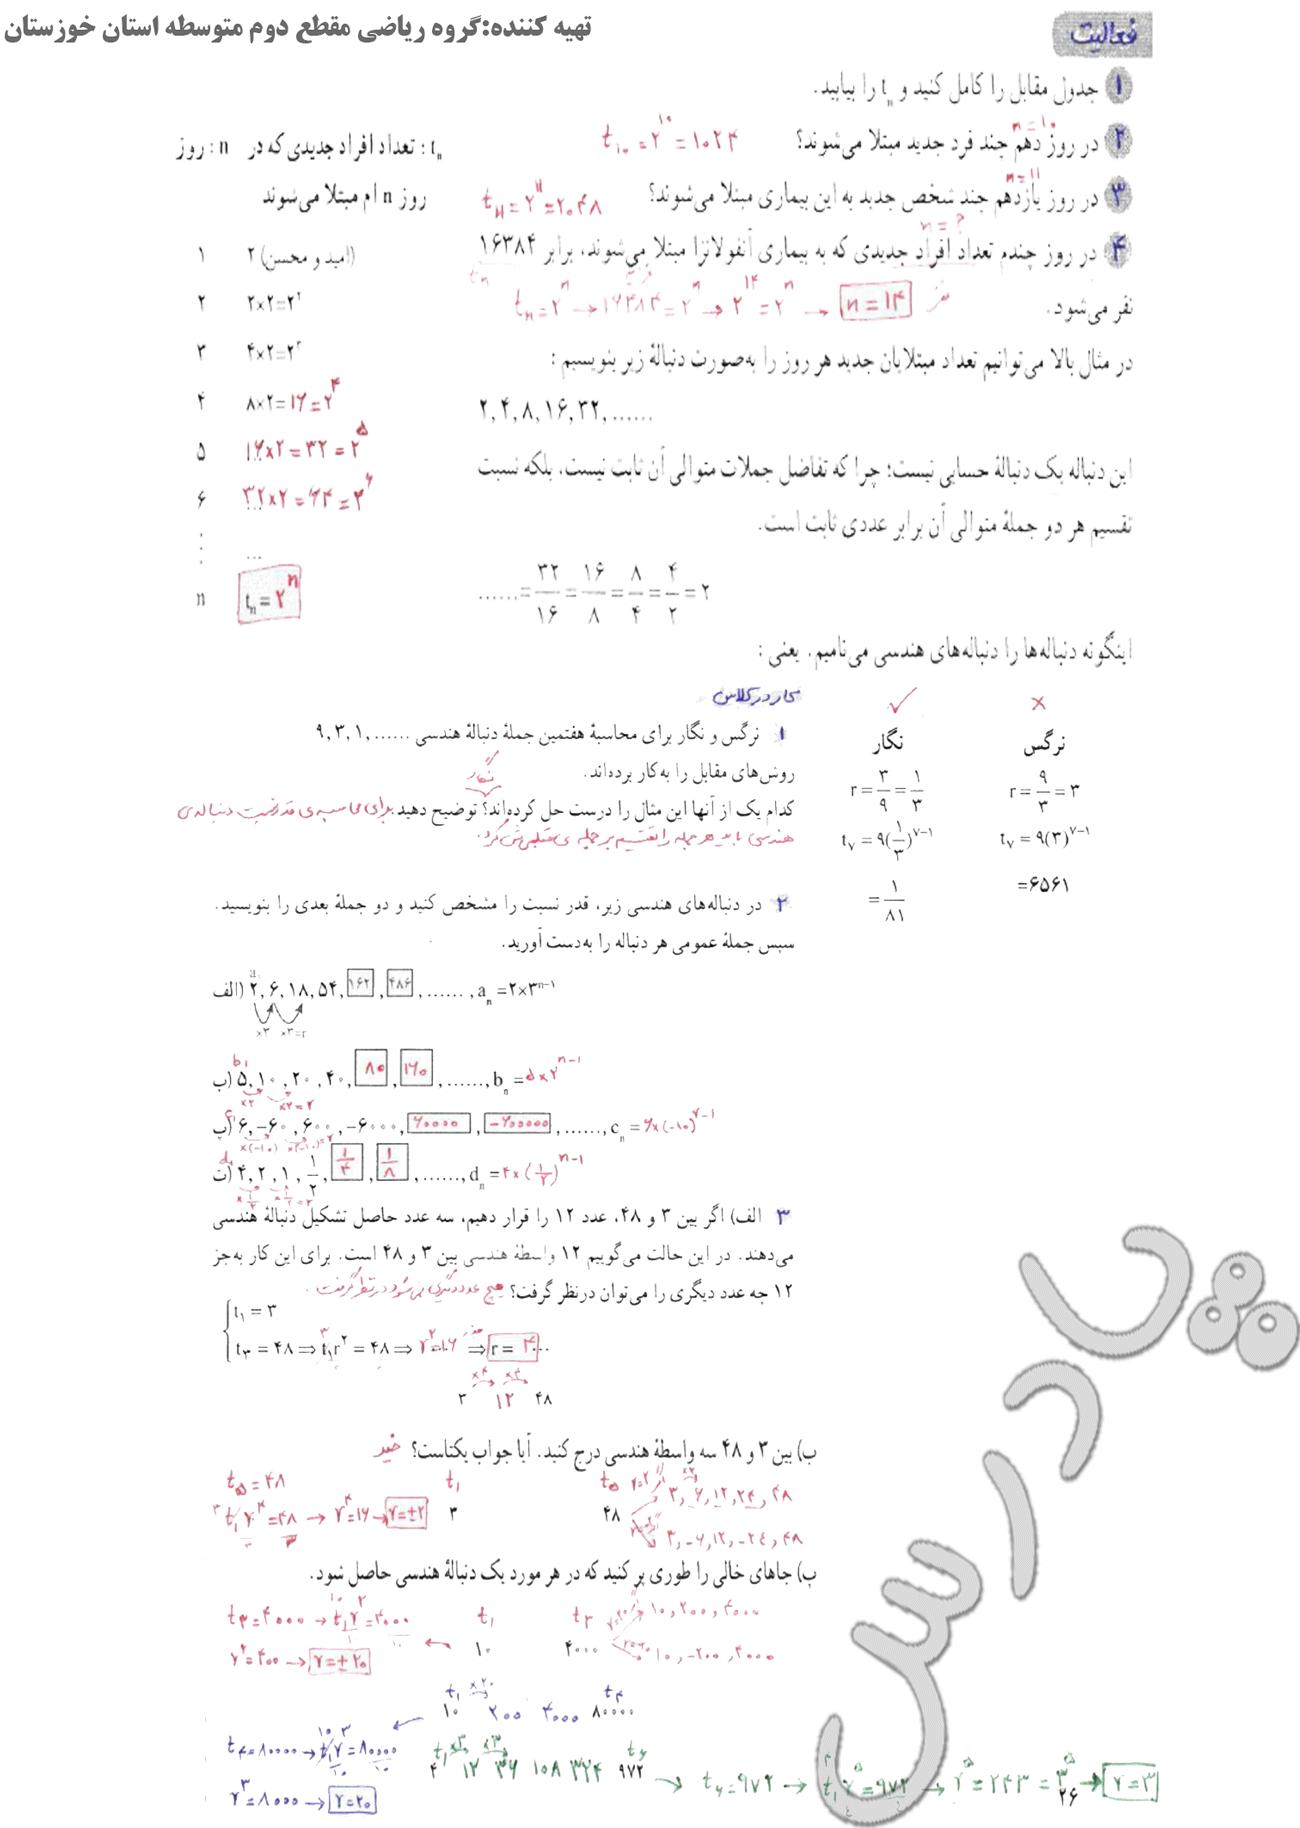 حل فعالیت و کاردر کلاس ص 24